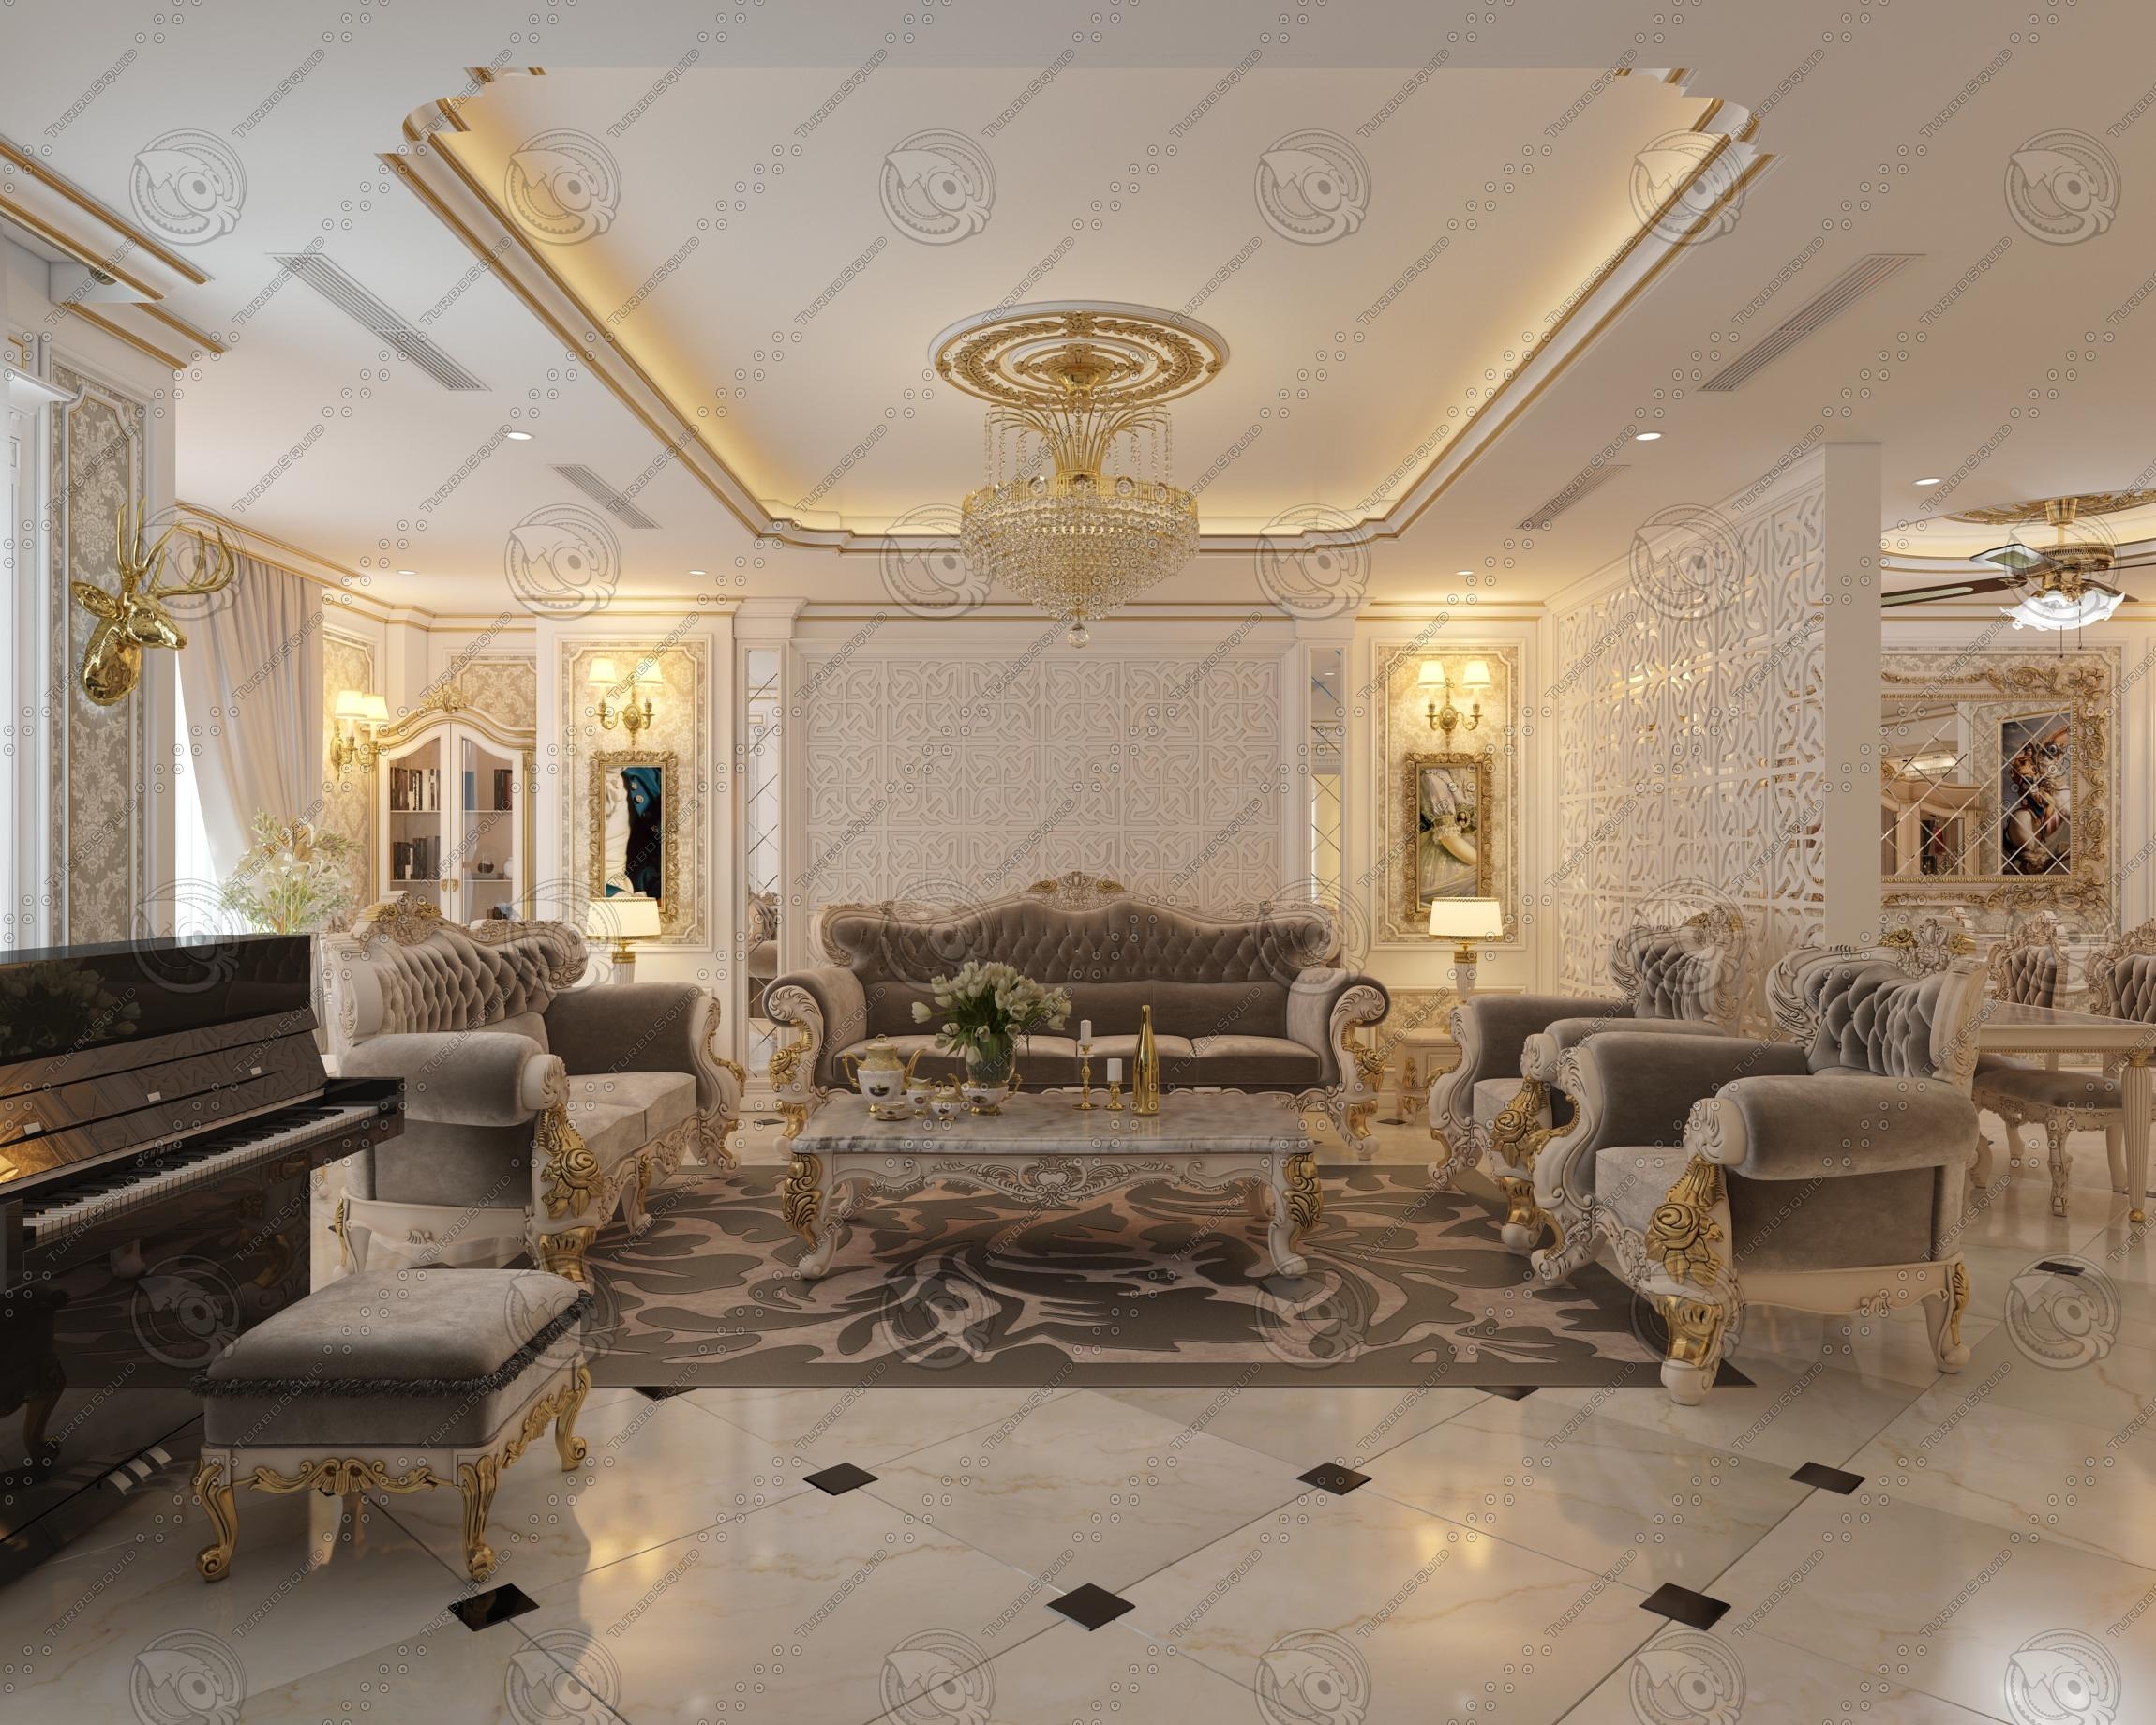 Apartment Interior luxury